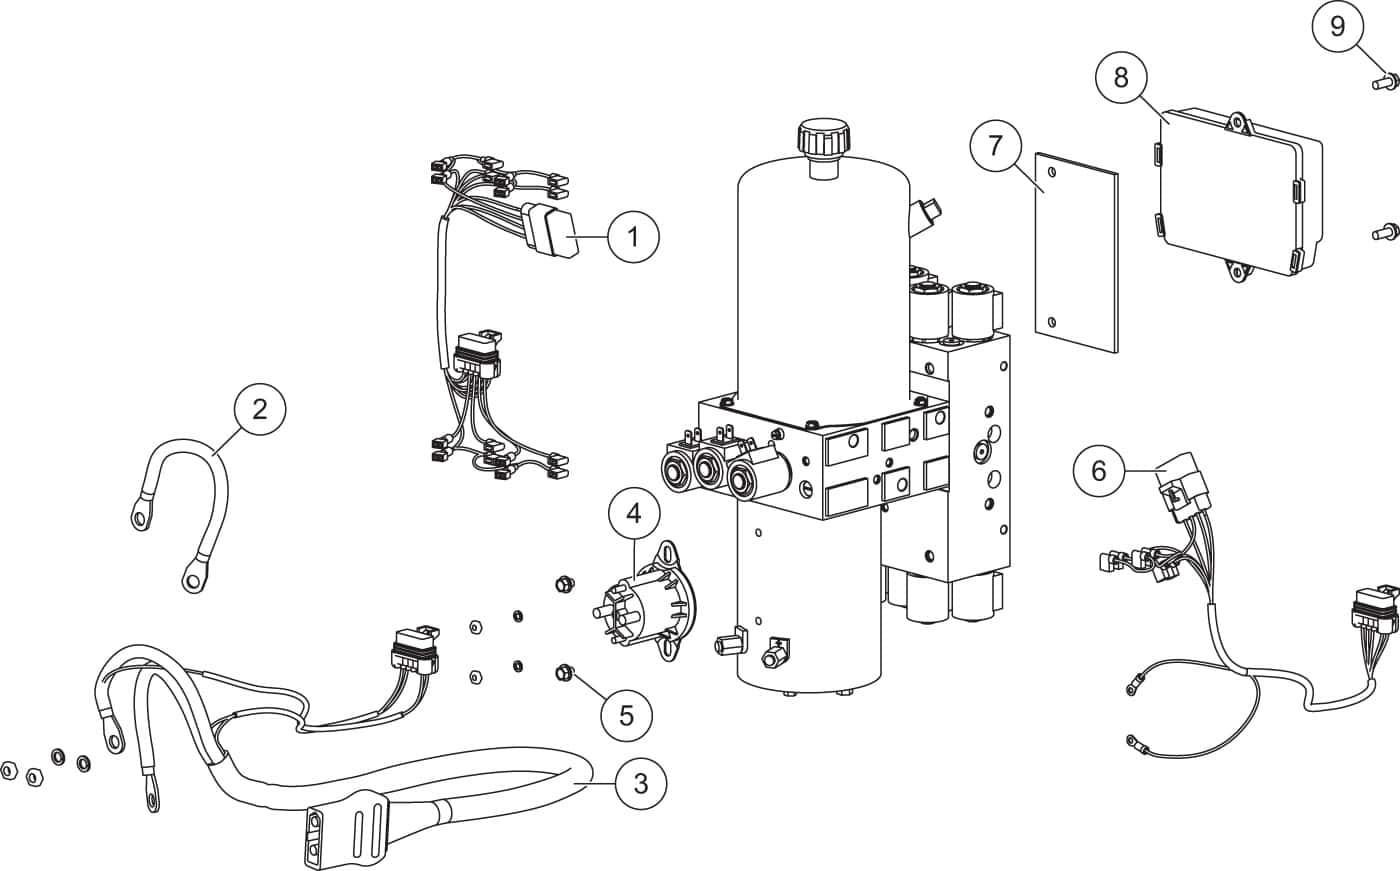 Bos Plow Solenoid Wiring Diagram